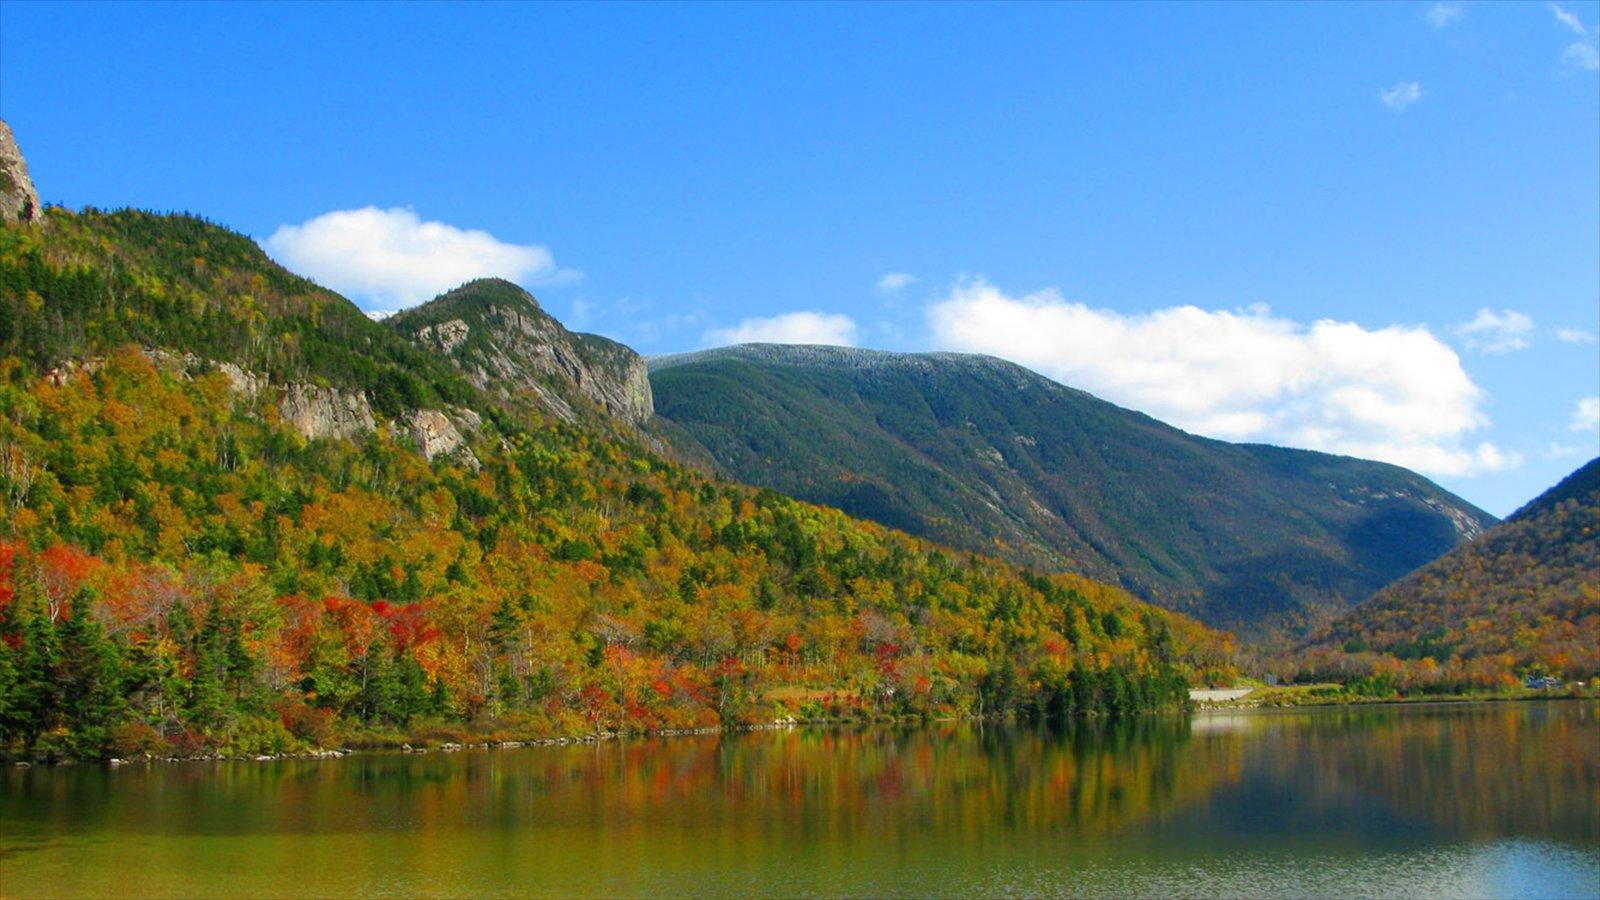 White Mountains mostrando un lago o abrevadero, escenas tranquilas y hojas de otoño